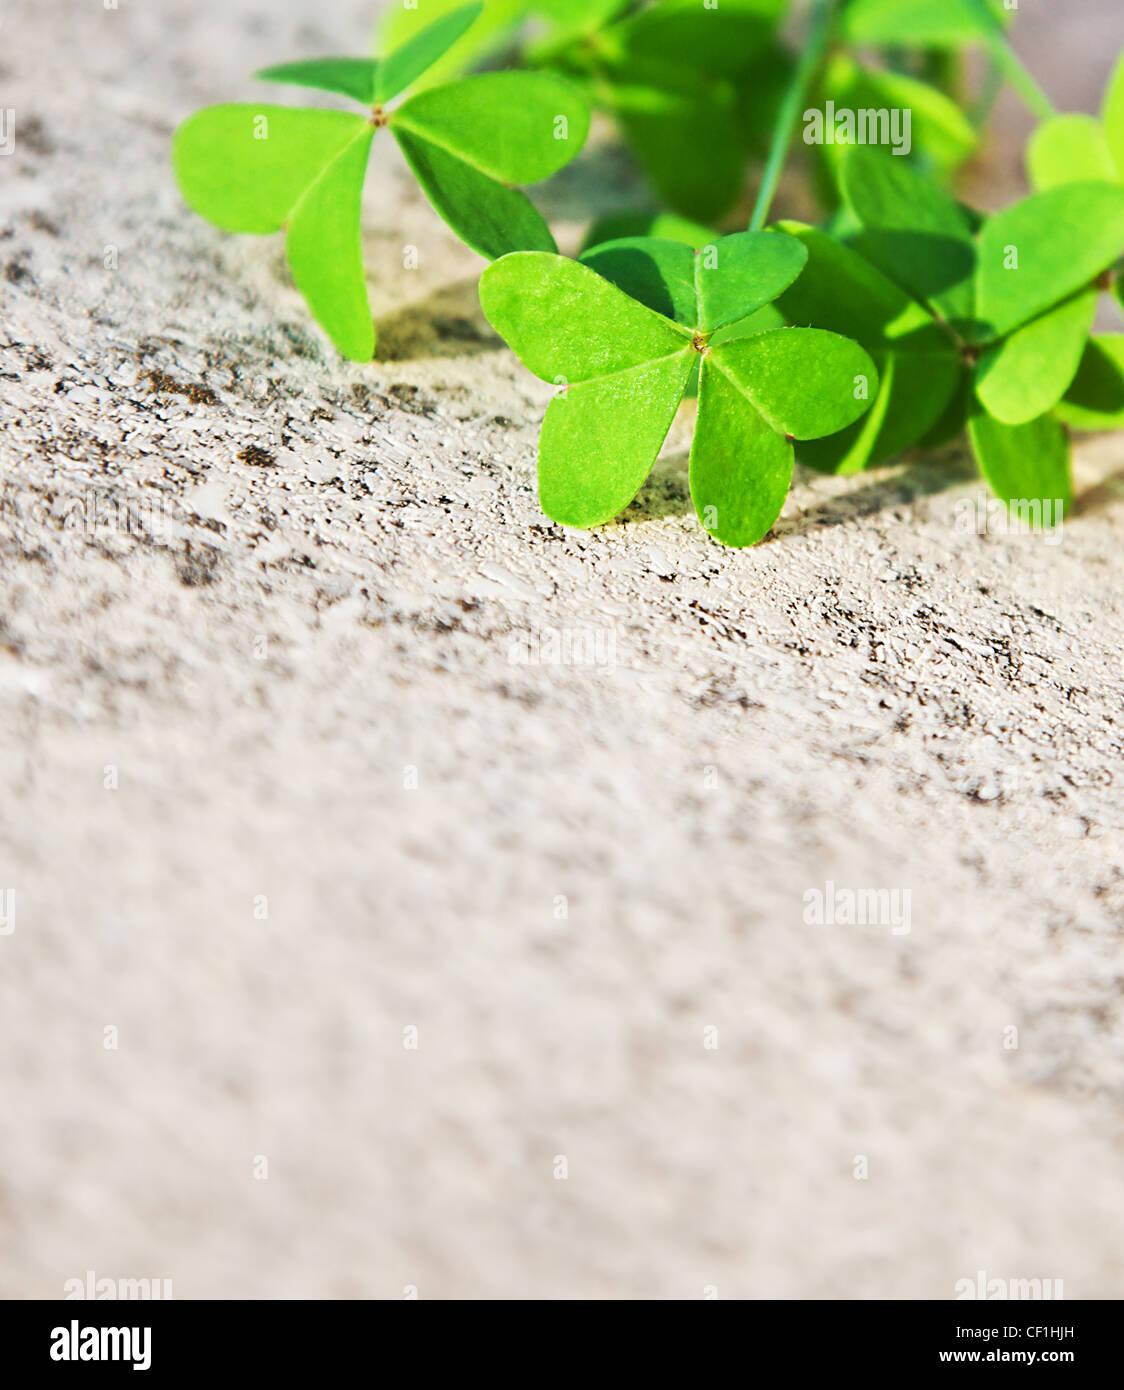 Frischen Klee Blätter über Stein, grüne Frühling Blumen Grenze, lucky Shamrock, St. Patrick Stockbild